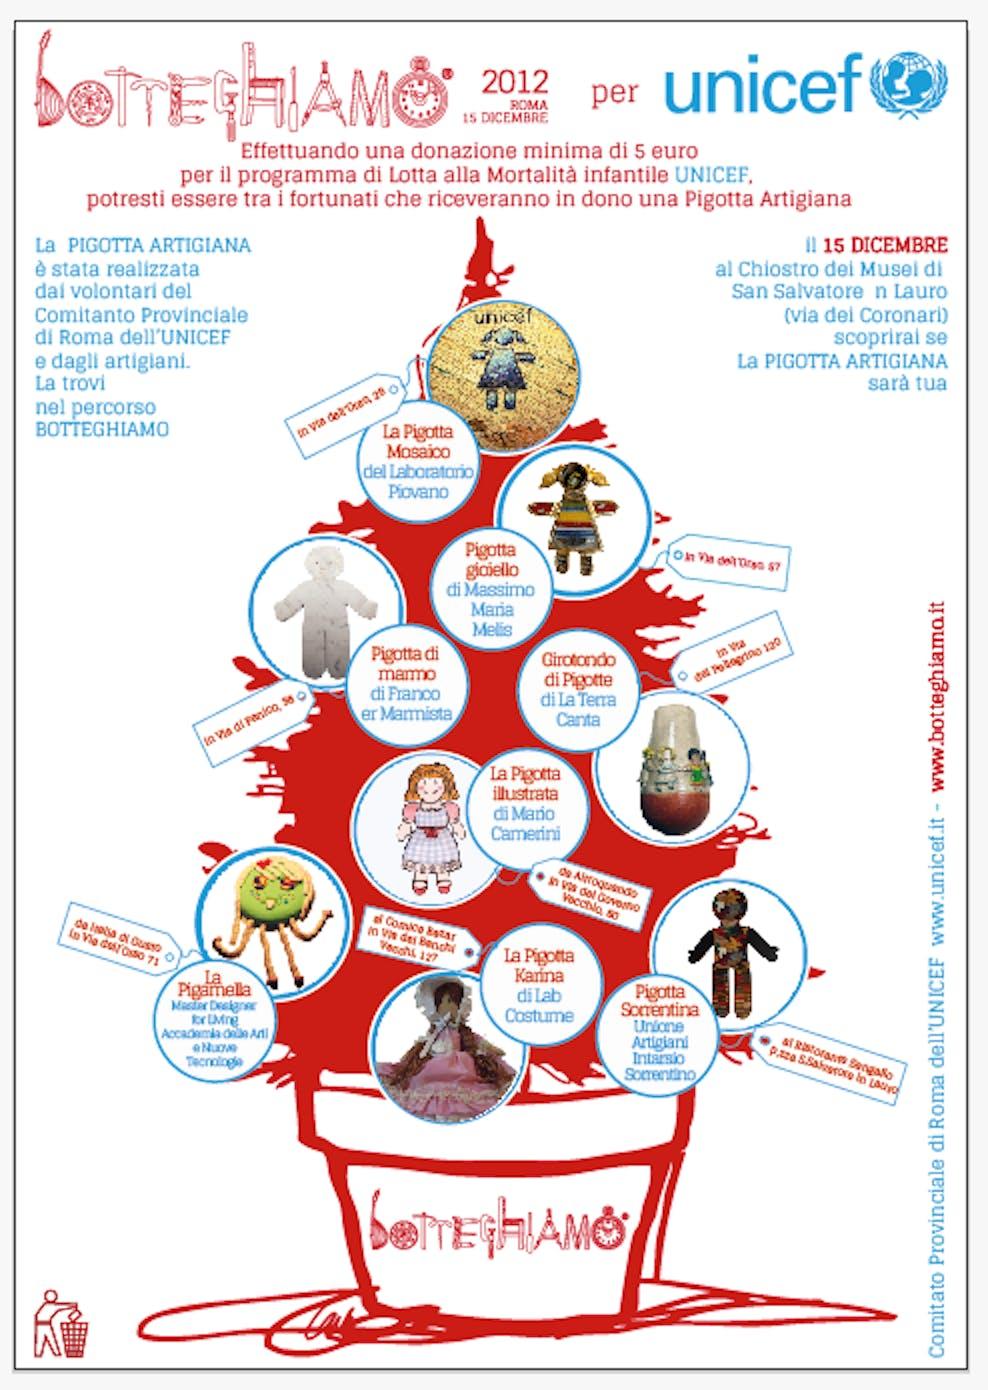 """Botteghiamo 2012: la """"Pigotta Artigiana"""" a fianco dell'UNICEF"""